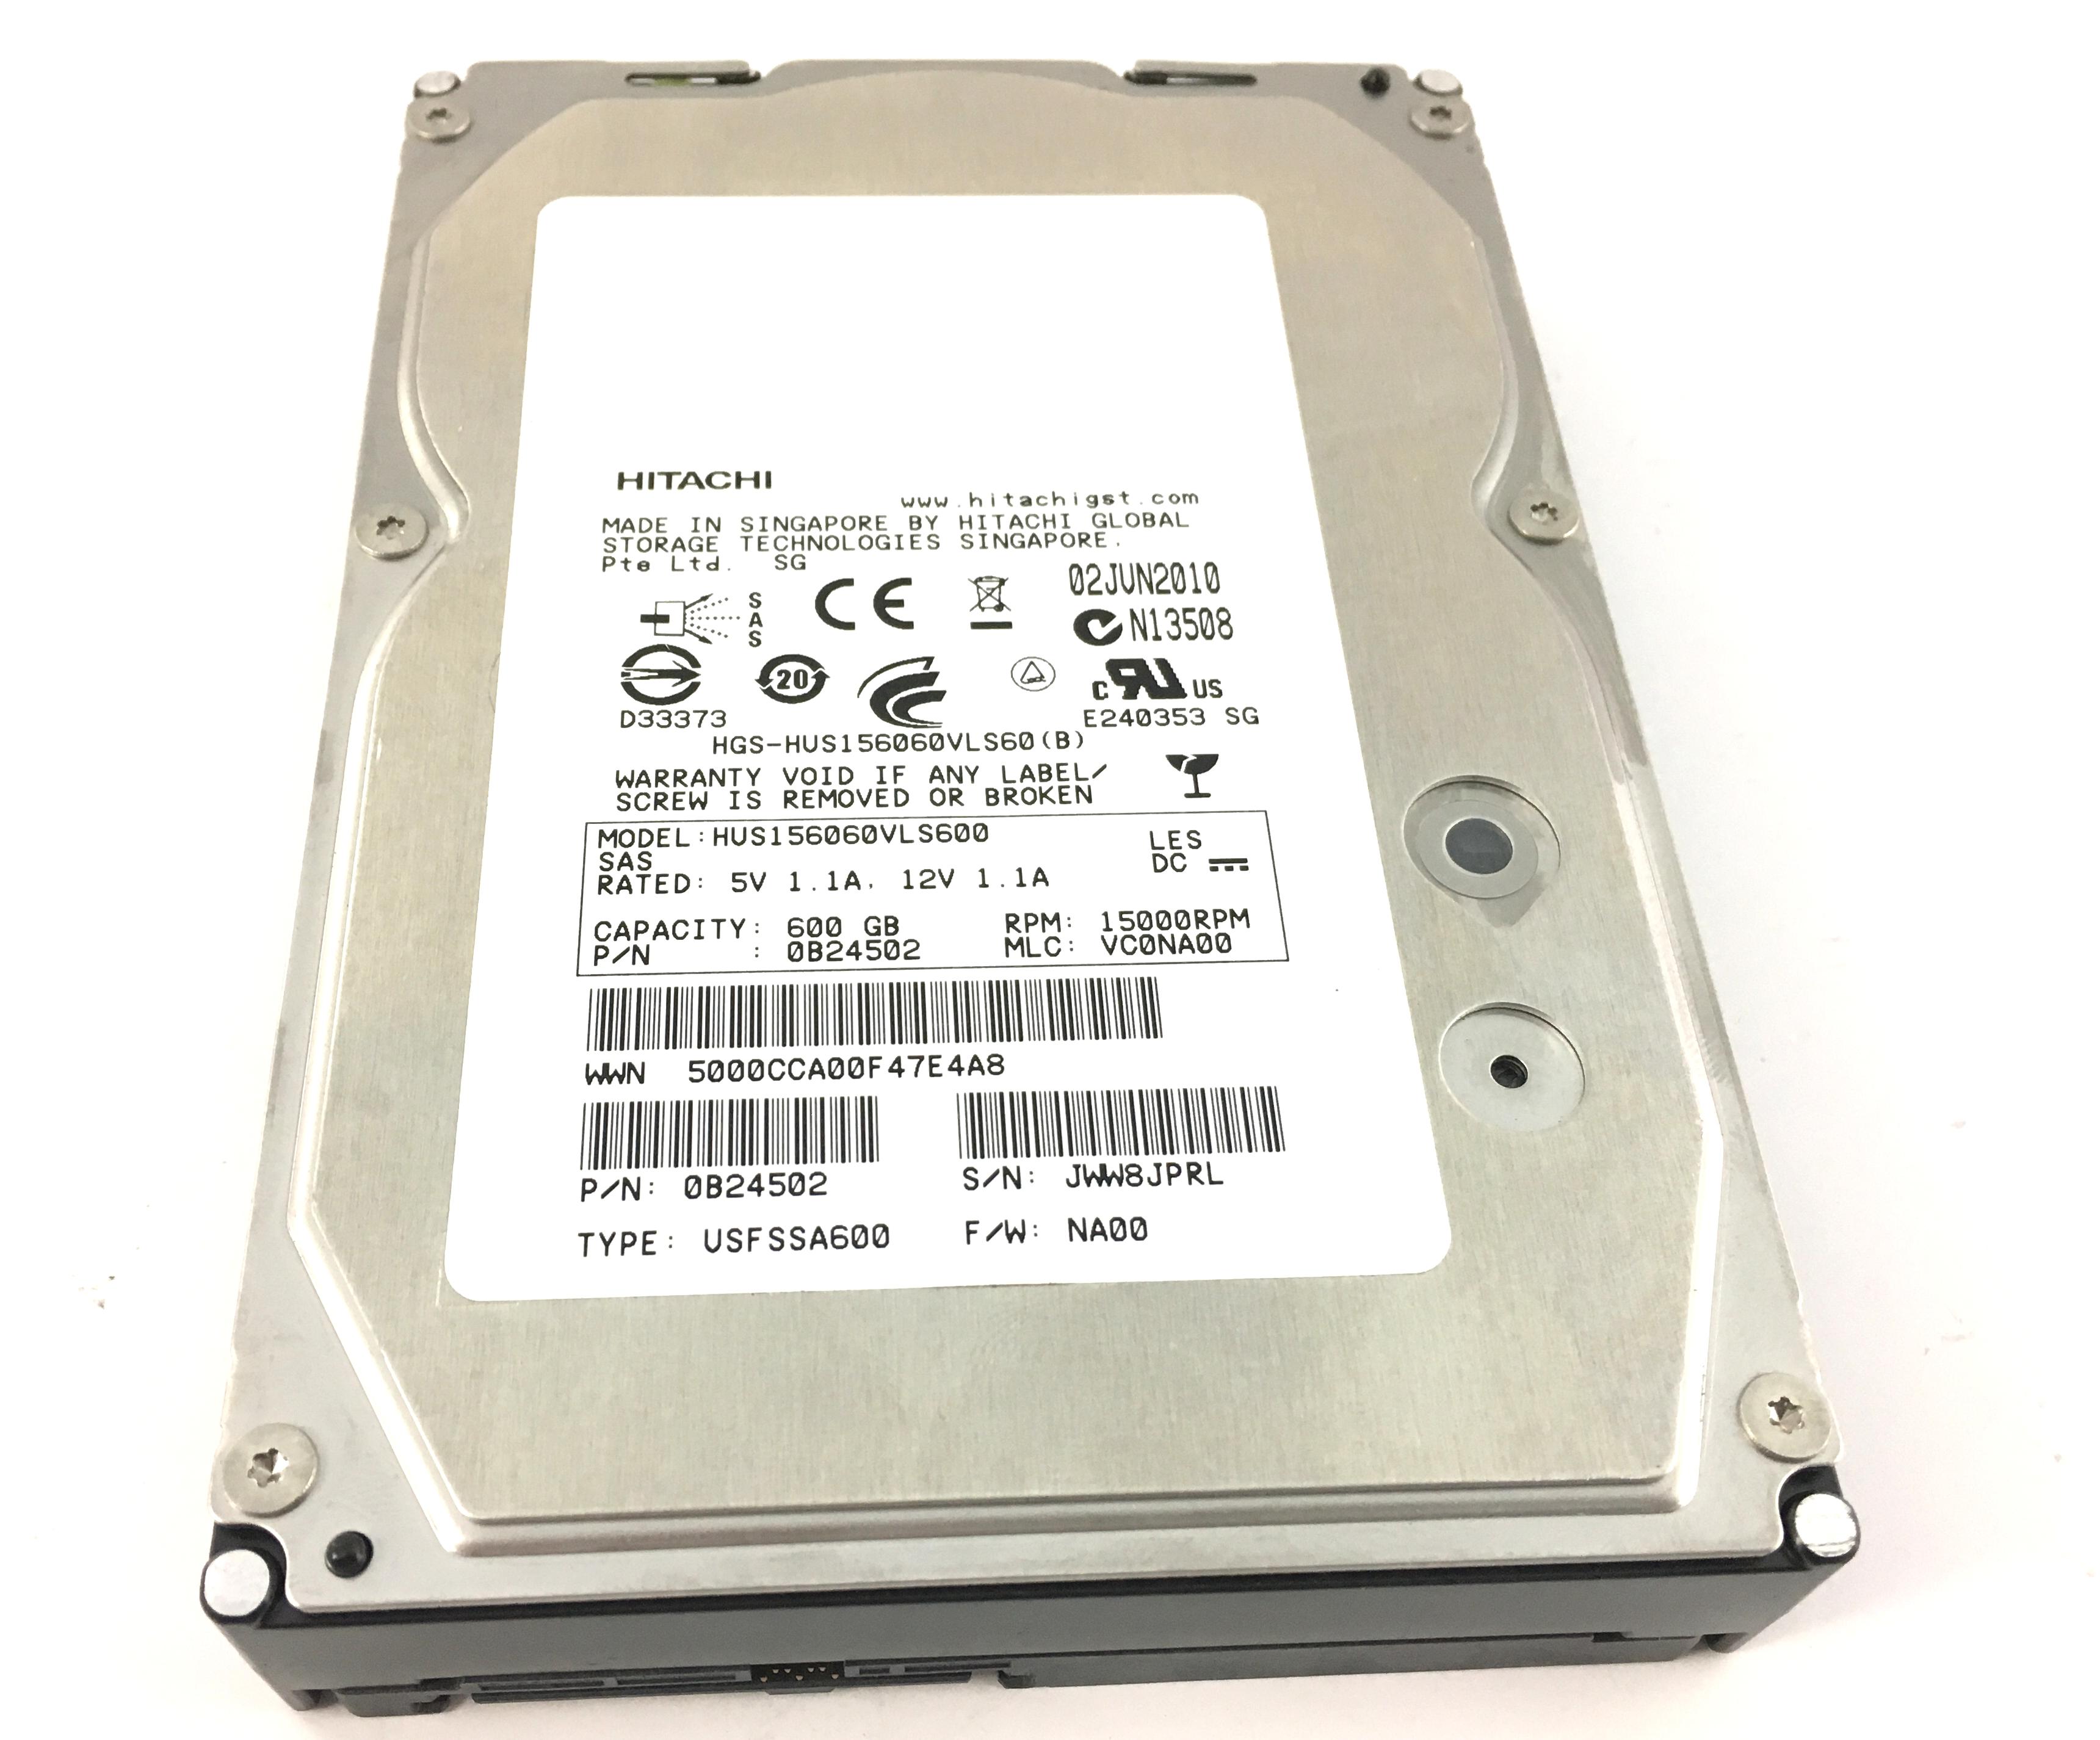 HITACHI 600GB 15K 6Gbps SAS 3.5'' HARD DRIVE NETAPP (HUS156060VLS600)